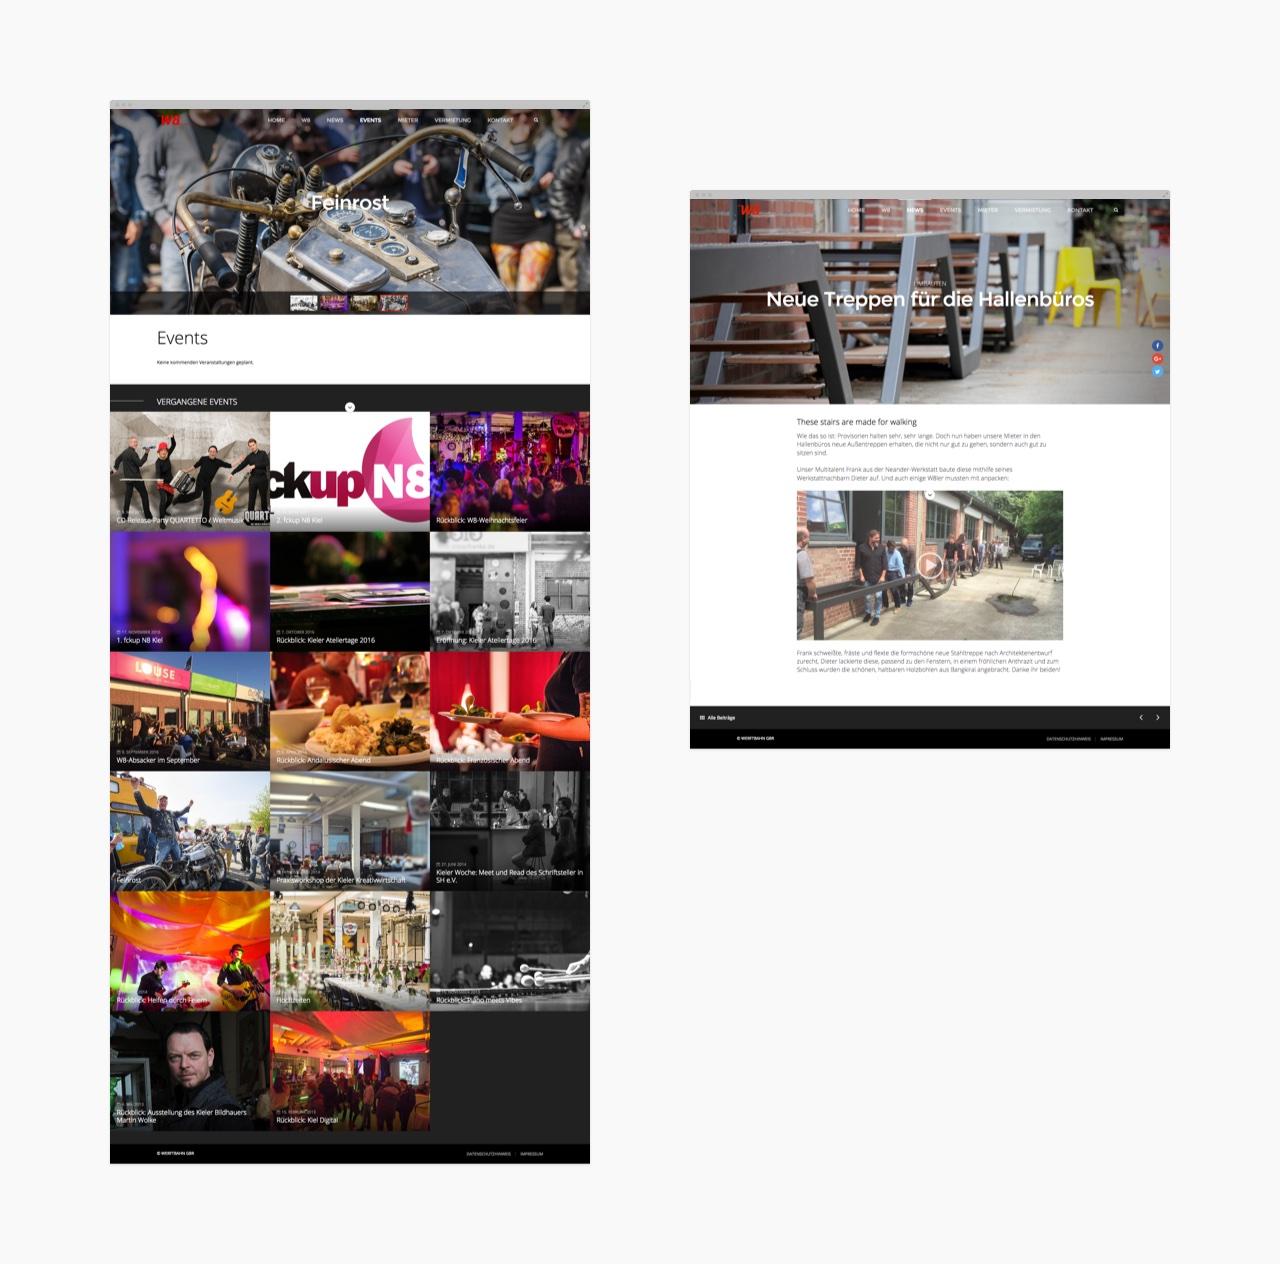 Veranstaltungsübersicht der W8-Webseite